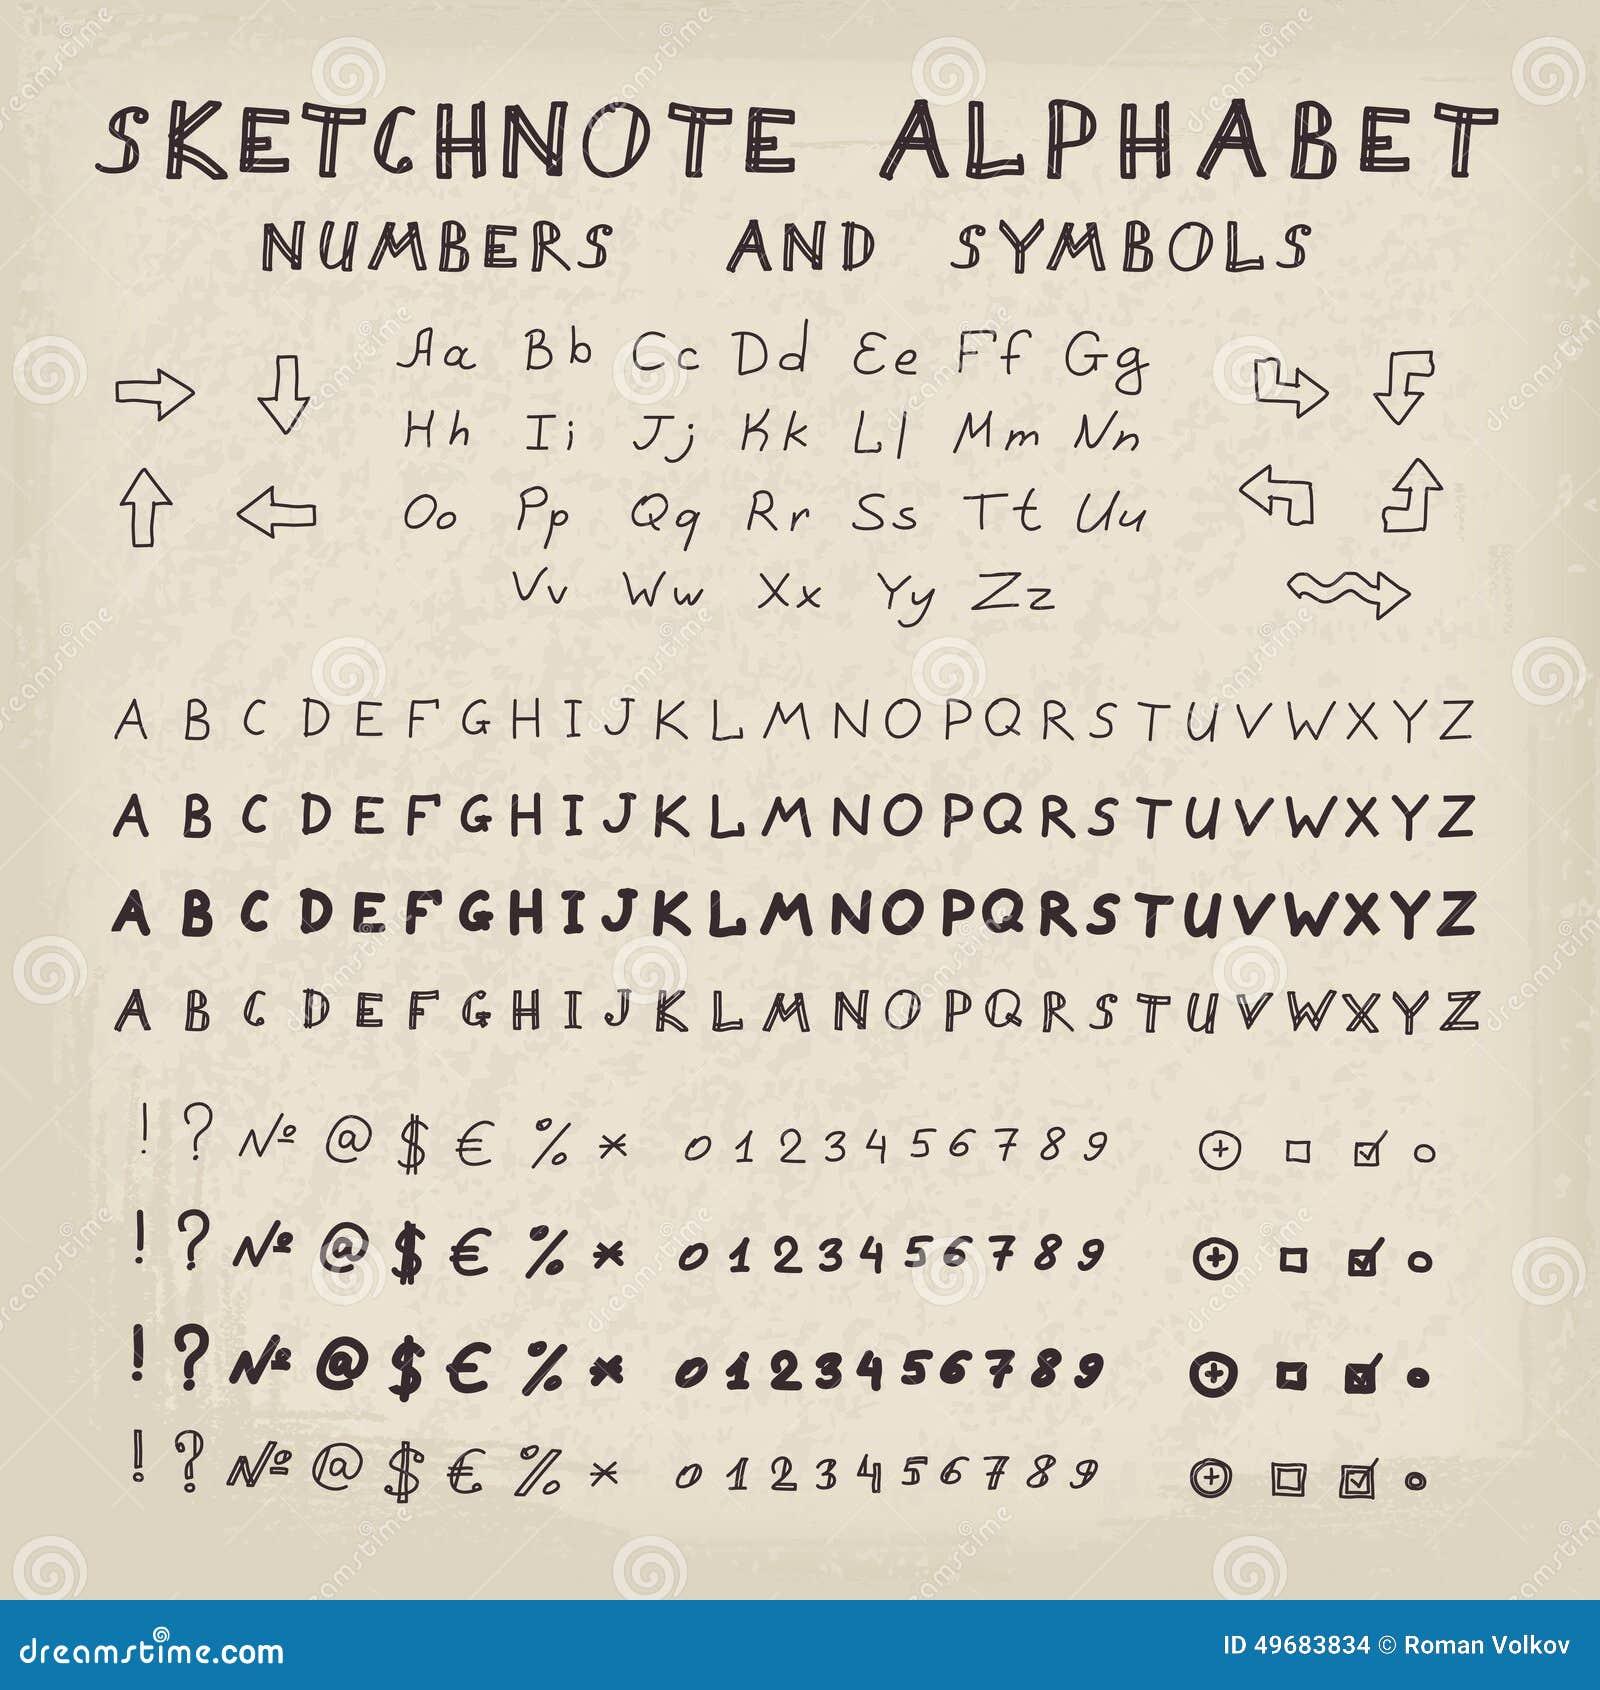 Mystische Zahlen Und Symbole